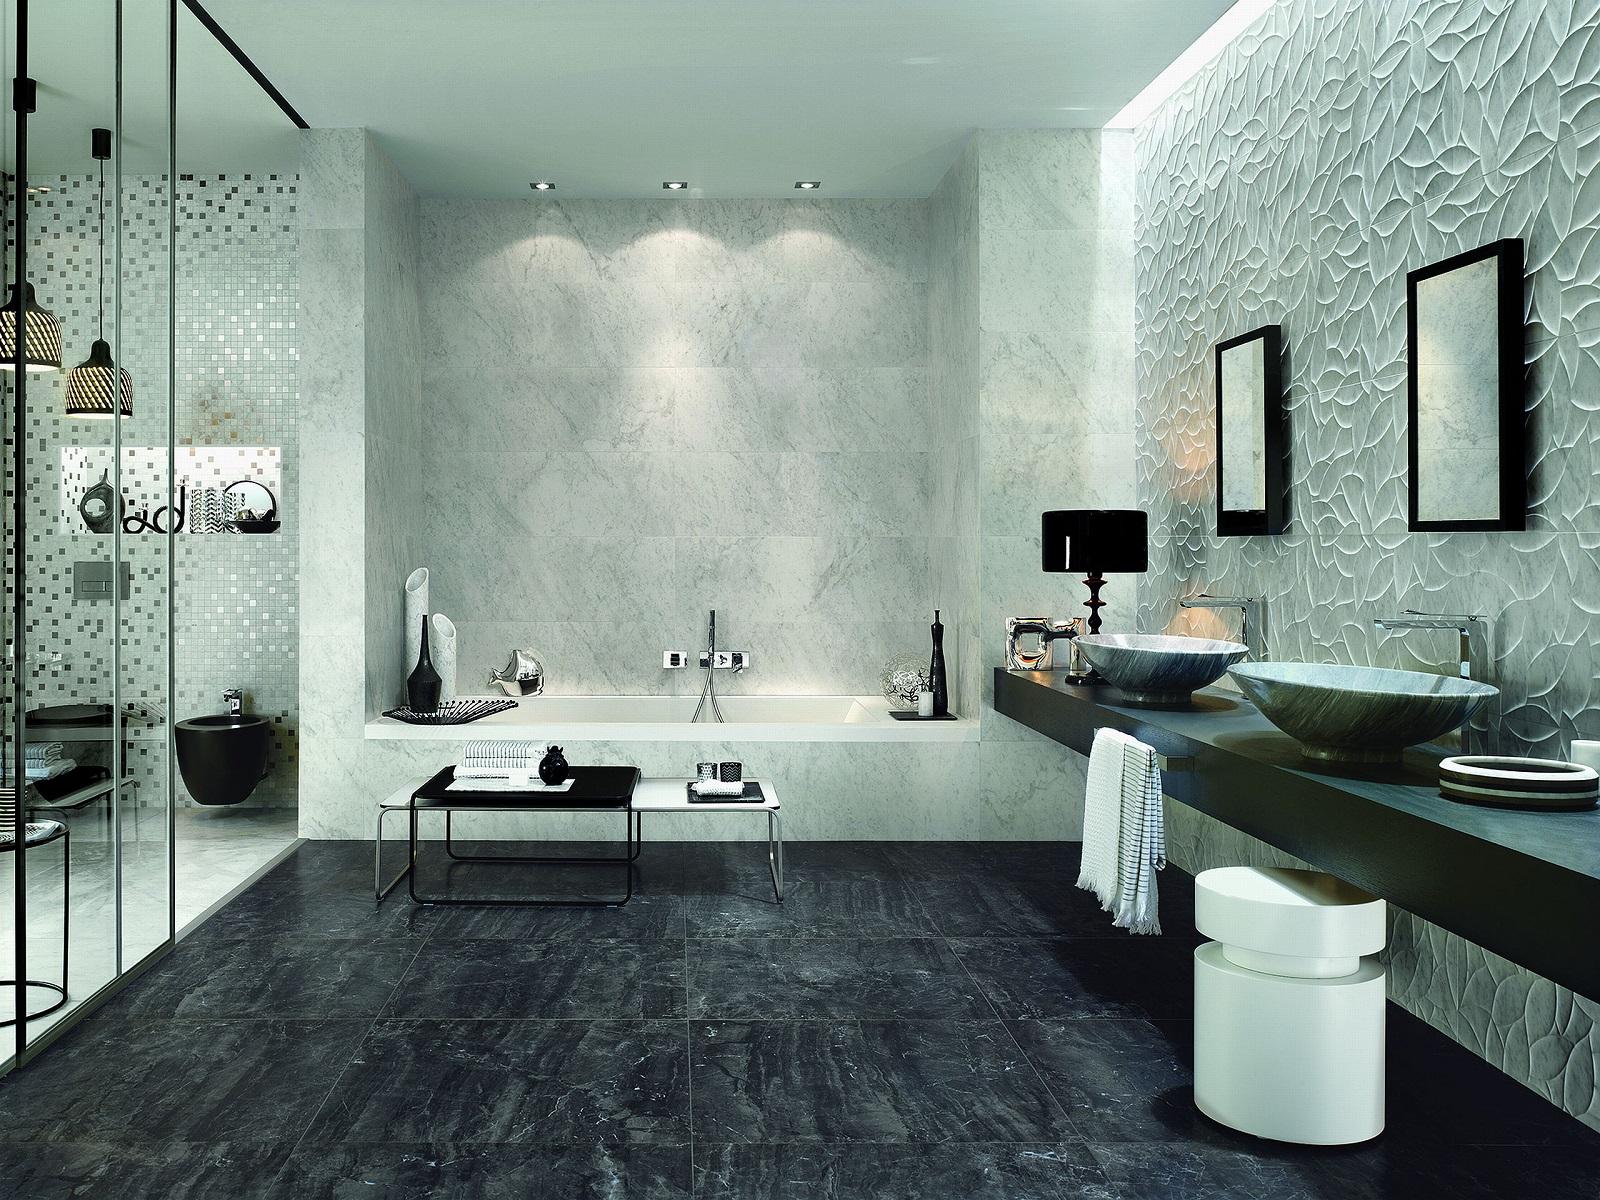 6-ragno-bistrot-pavimento-bagno.jpg